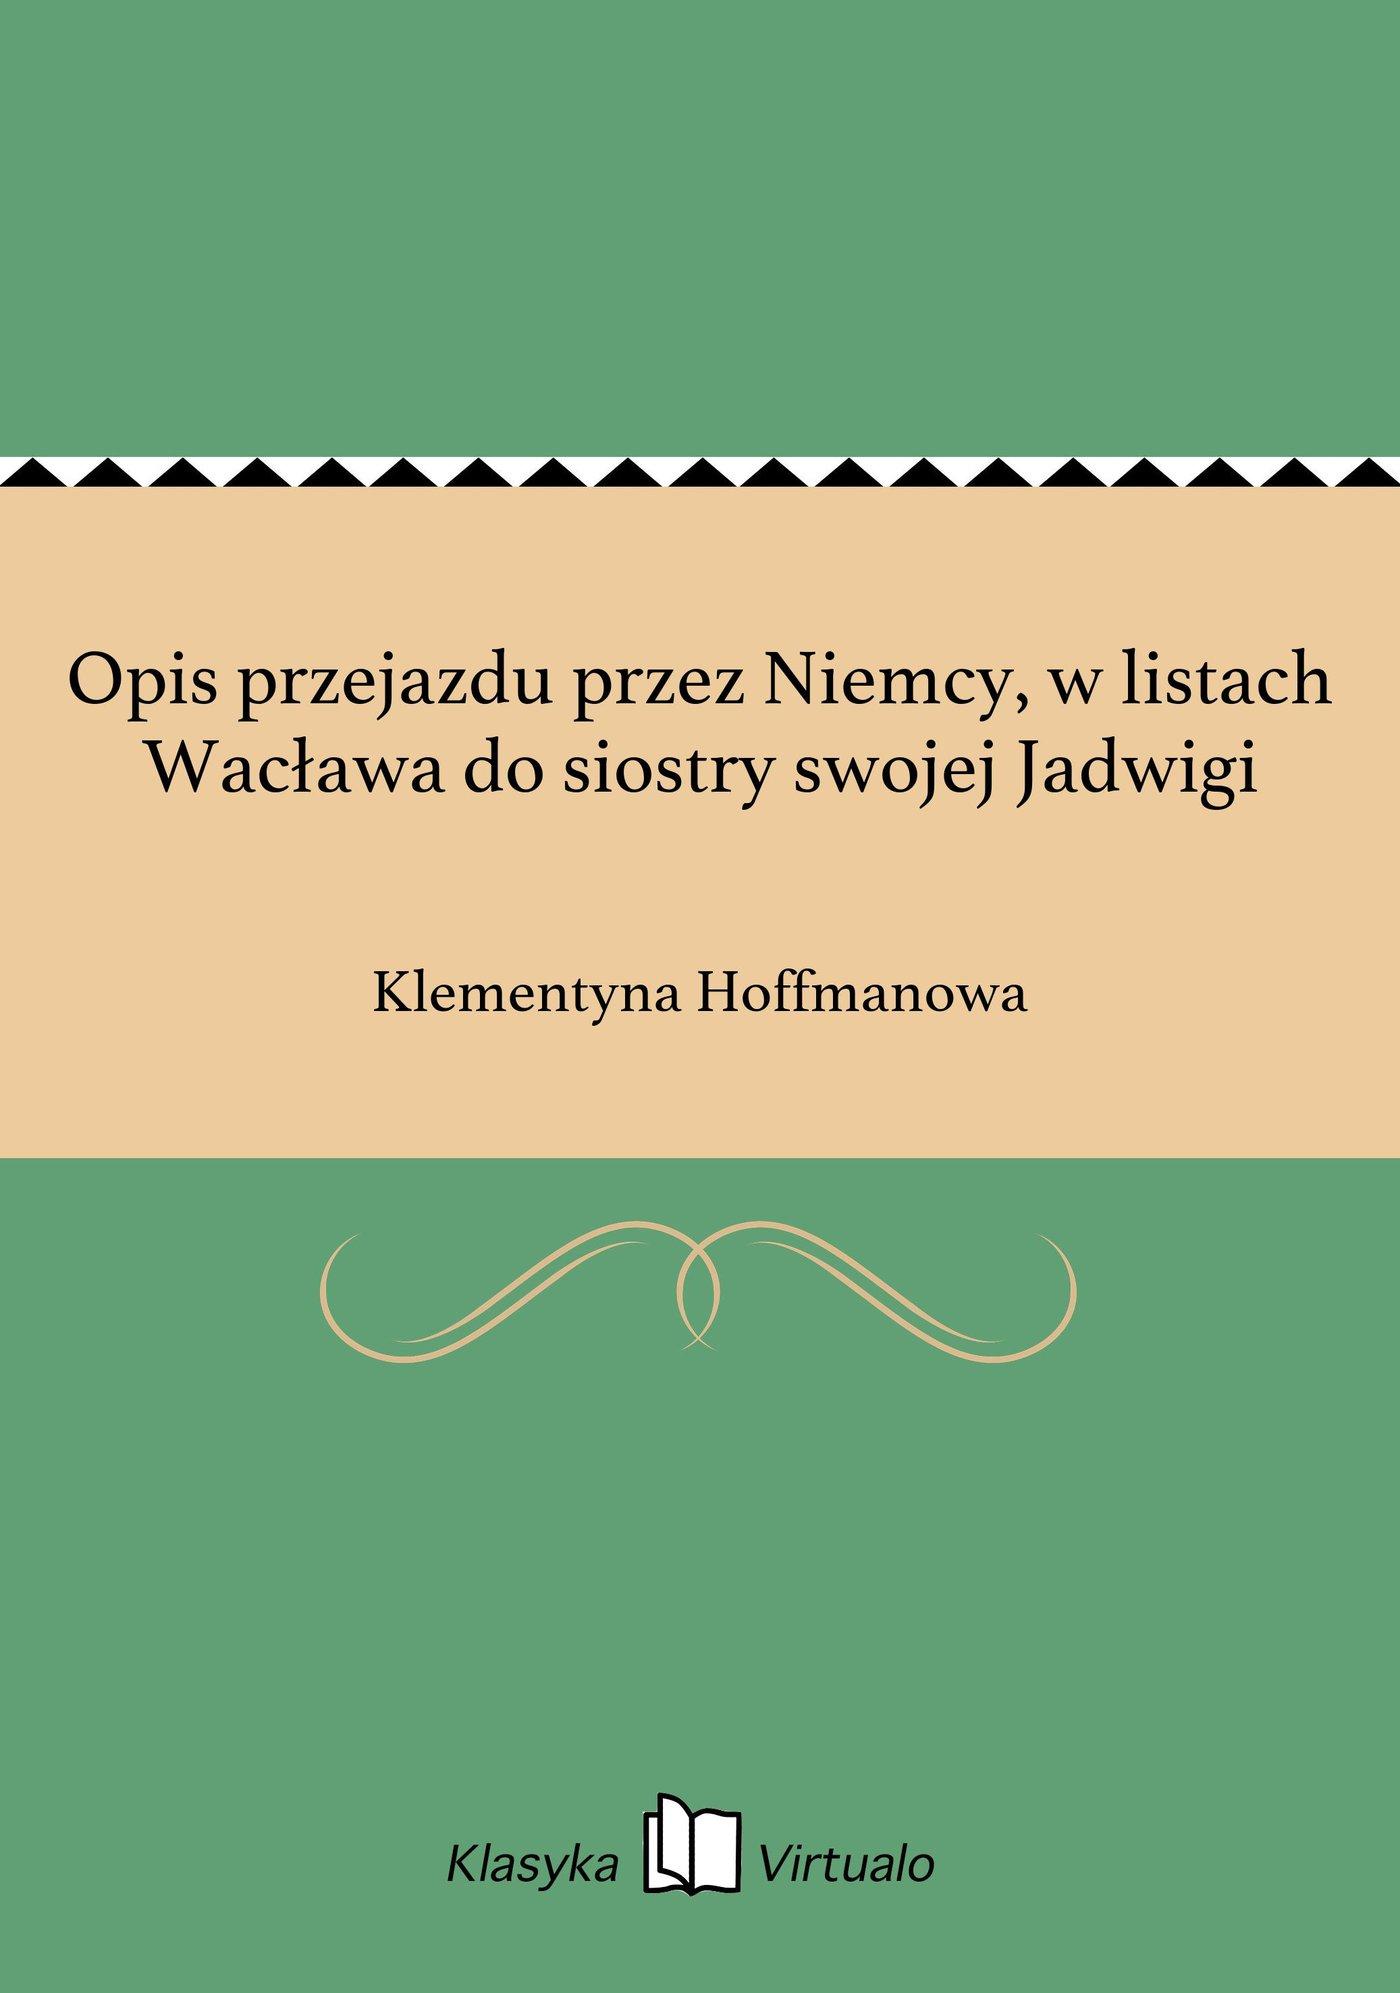 Opis przejazdu przez Niemcy, w listach Wacława do siostry swojej Jadwigi - Ebook (Książka EPUB) do pobrania w formacie EPUB